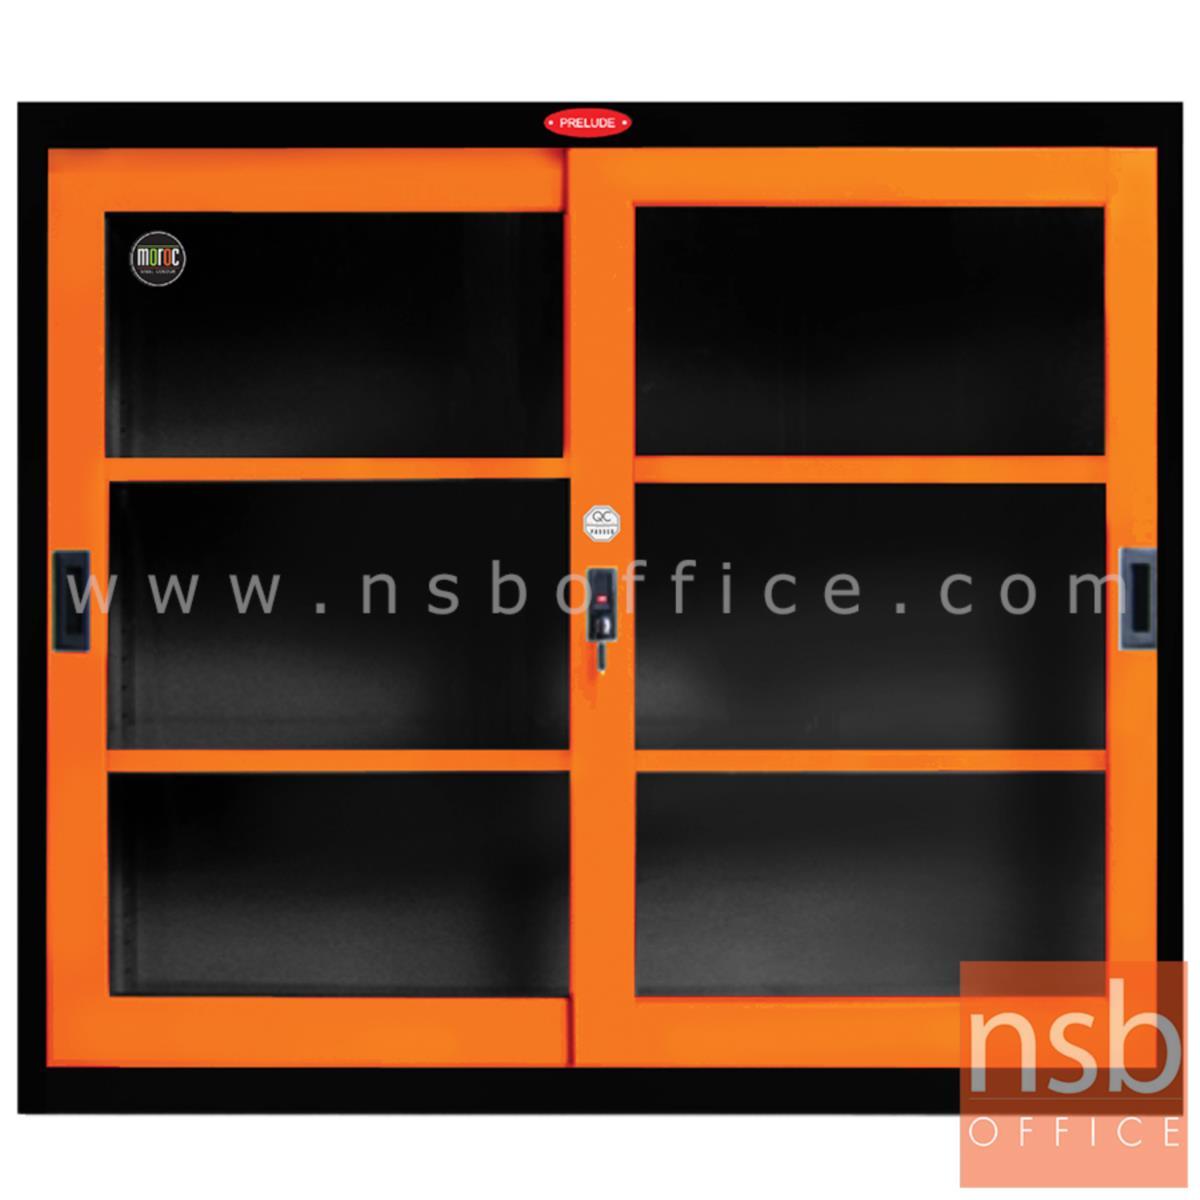 E04A049:ตู้เหล็ก 2 บานเลื่อนเตี้ย หน้าบานสีสันโครงตู้สีดำ รุ่น Decay (ดีเคย์) ขนาด 3, 4 ฟุต